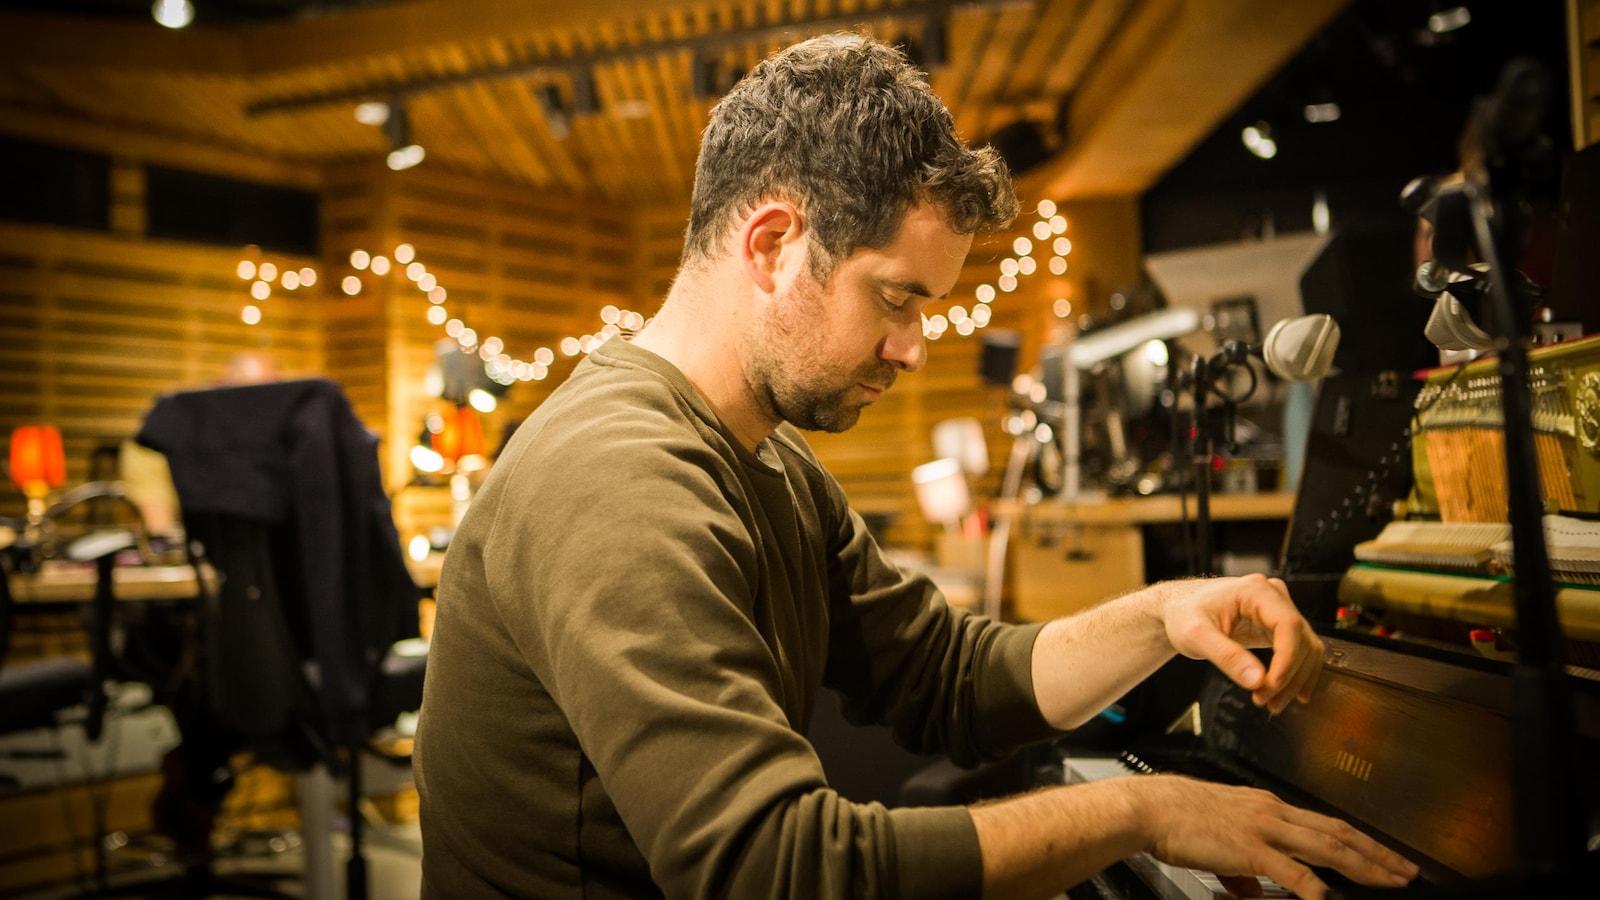 L'artiste, de profil, est en train de jouer du piano d'un air très concentré.